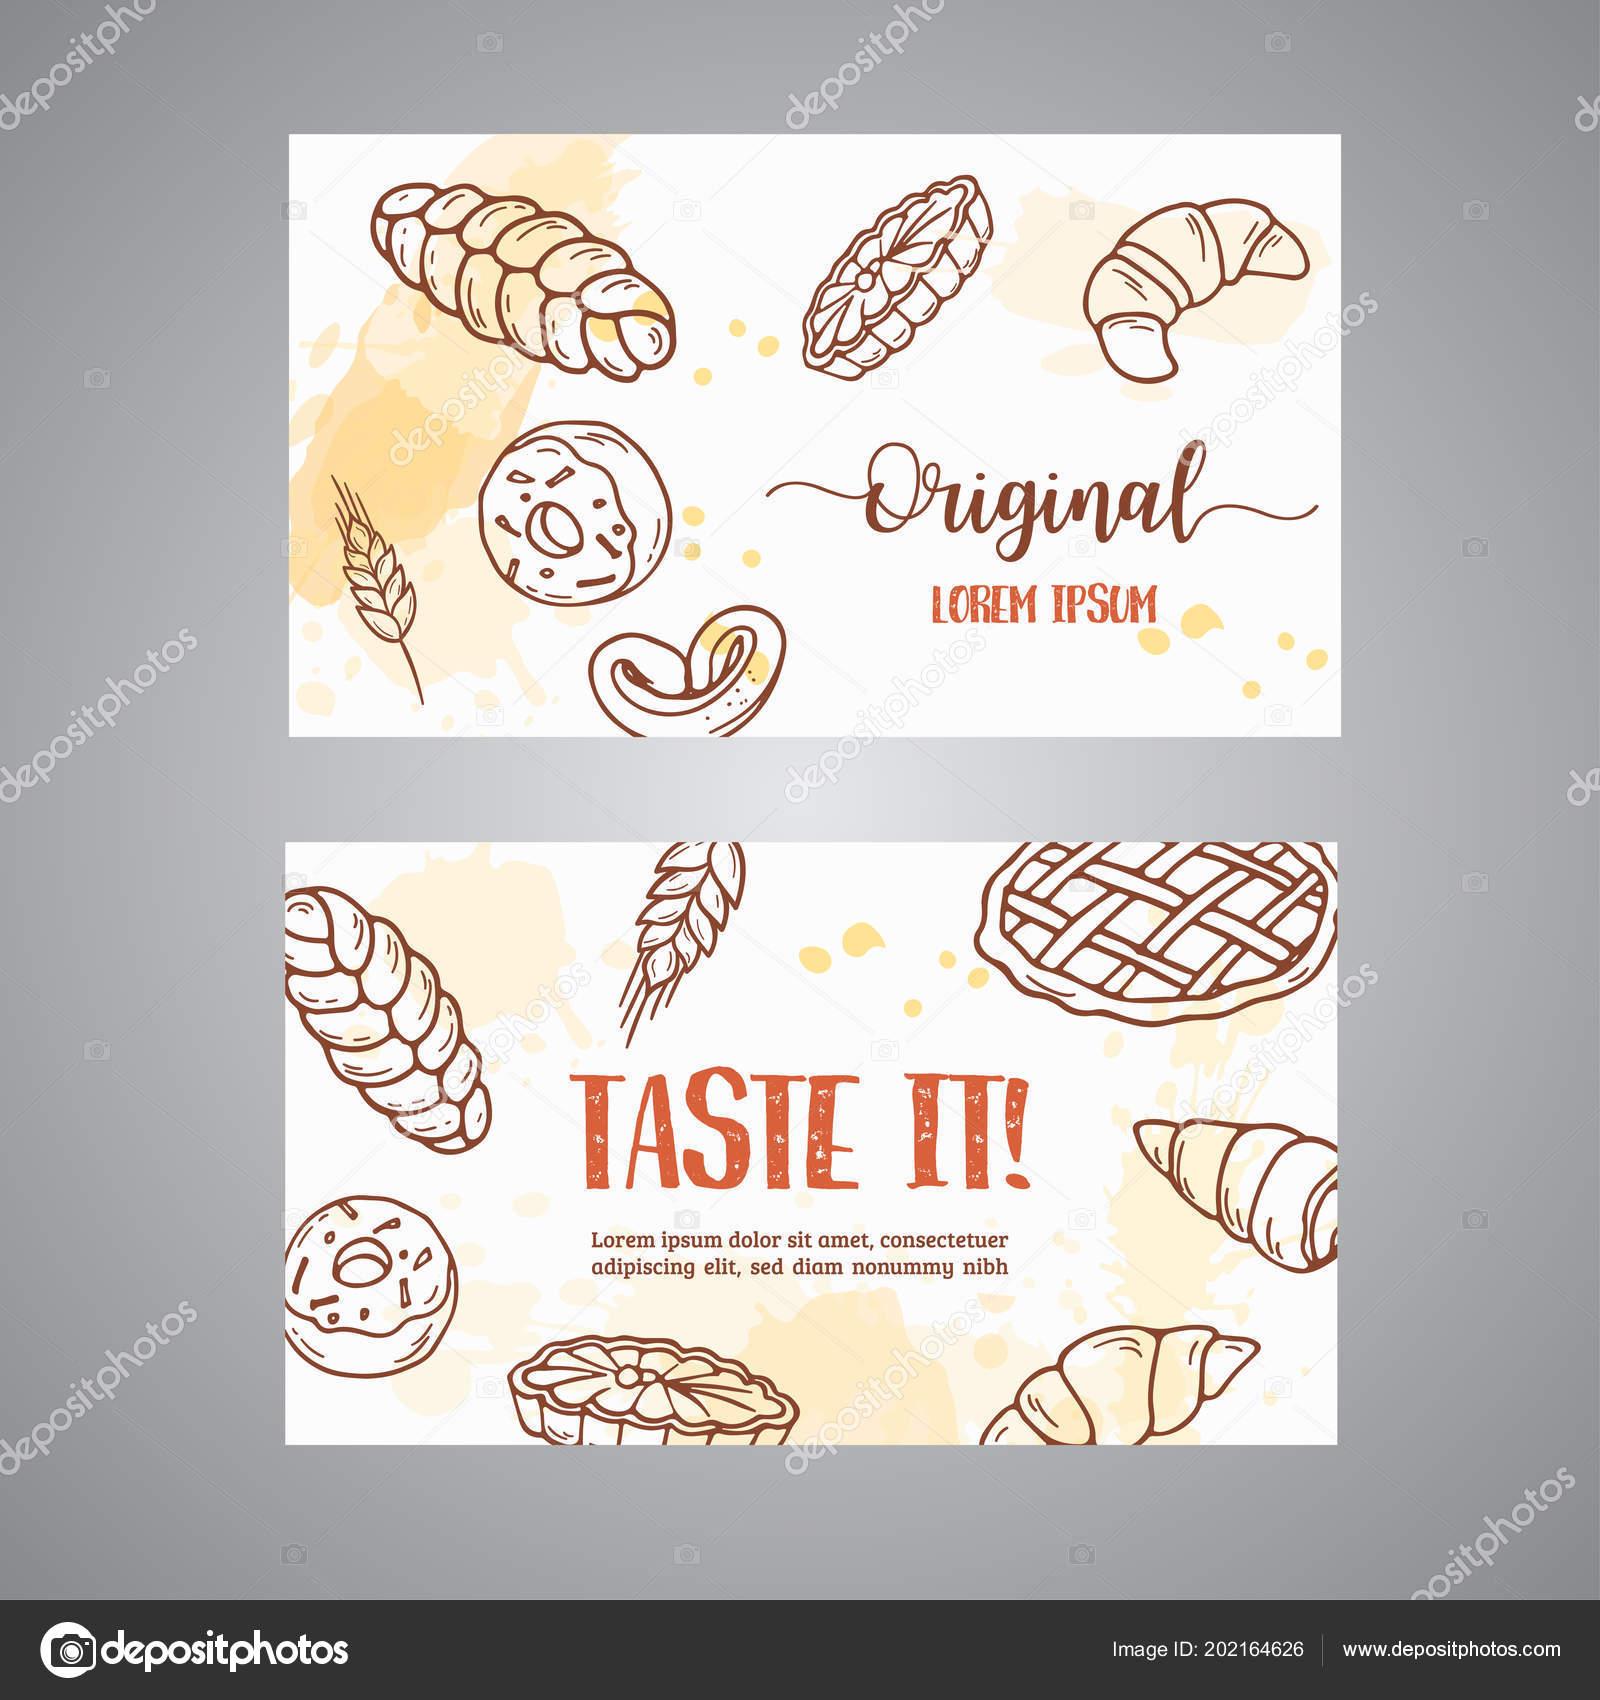 Vintage Carte De Visite Avec Croquis Boulangerie Ptisseries Bonbons Desserts Gteau Muffin Et Chignon Dessin Main Design Pour Menu Bannire